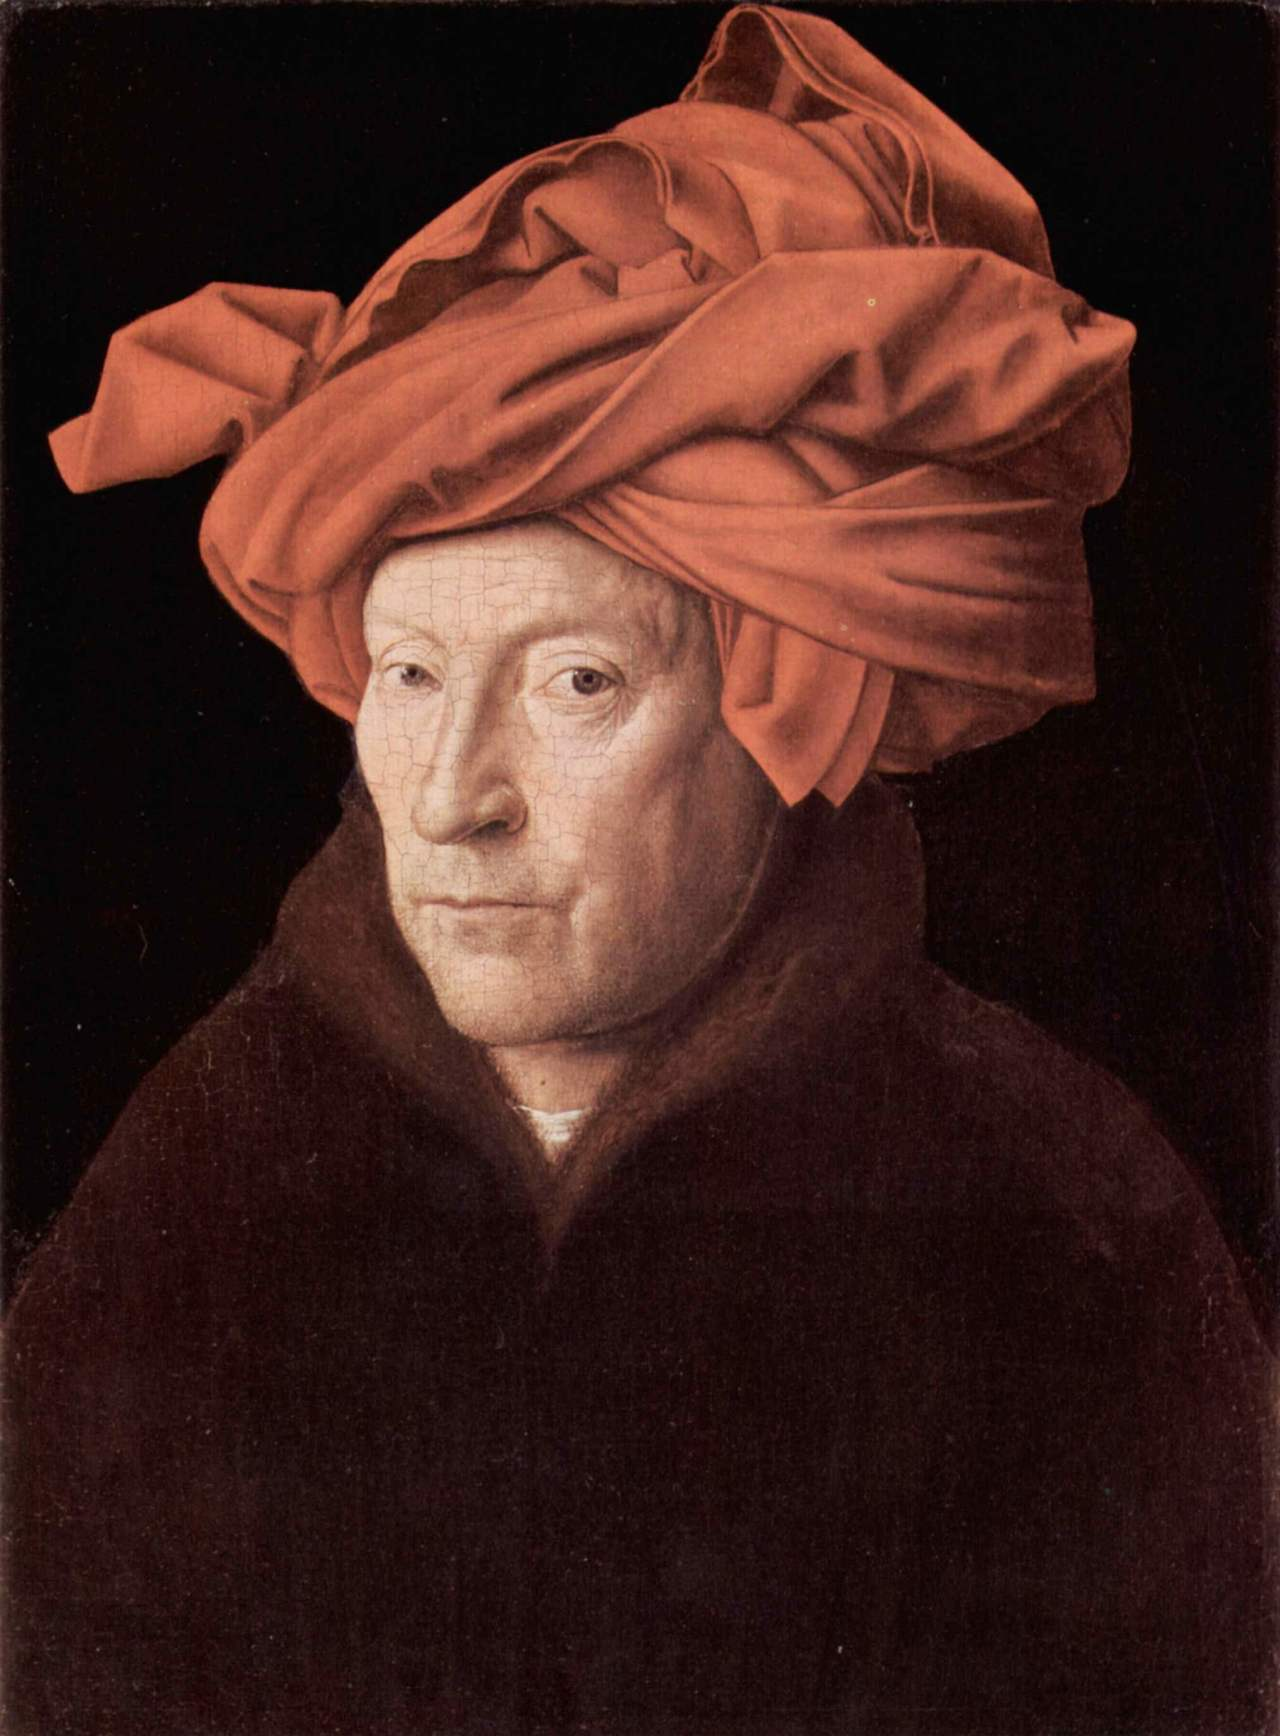 Portrait_of_a_Man_in_a_Turban_(Jan_van_Eyck).jpg